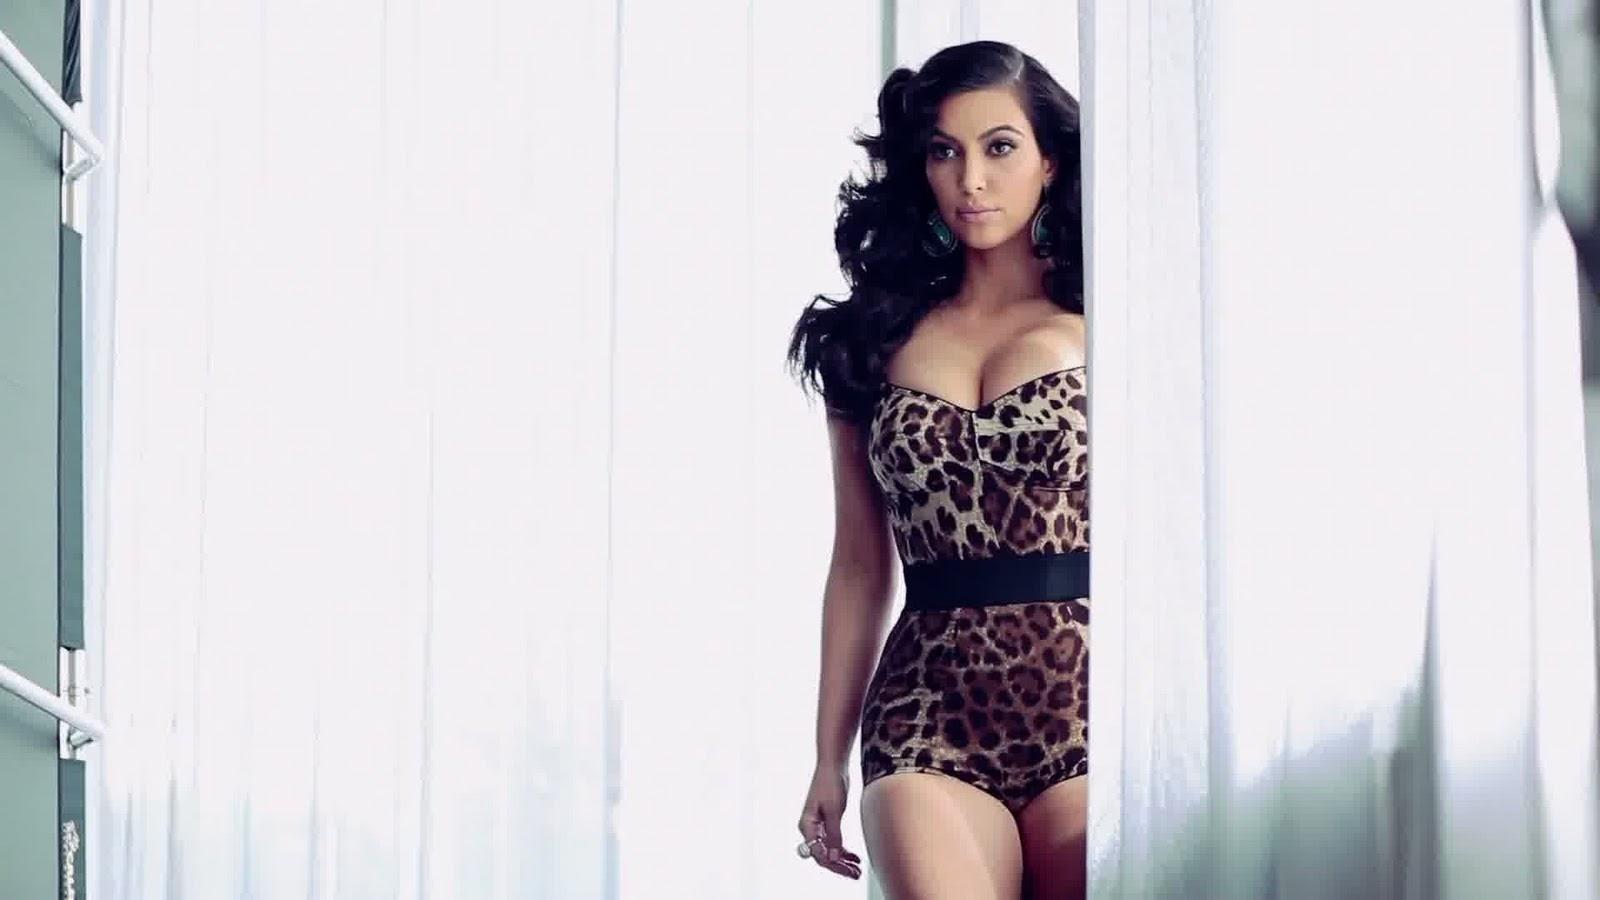 http://3.bp.blogspot.com/-ZuRZ3lj0kBw/TyvyjR0NTNI/AAAAAAAAfi4/HNWXLRGBw-M/s1600/Kim-Kardashian-10.jpg